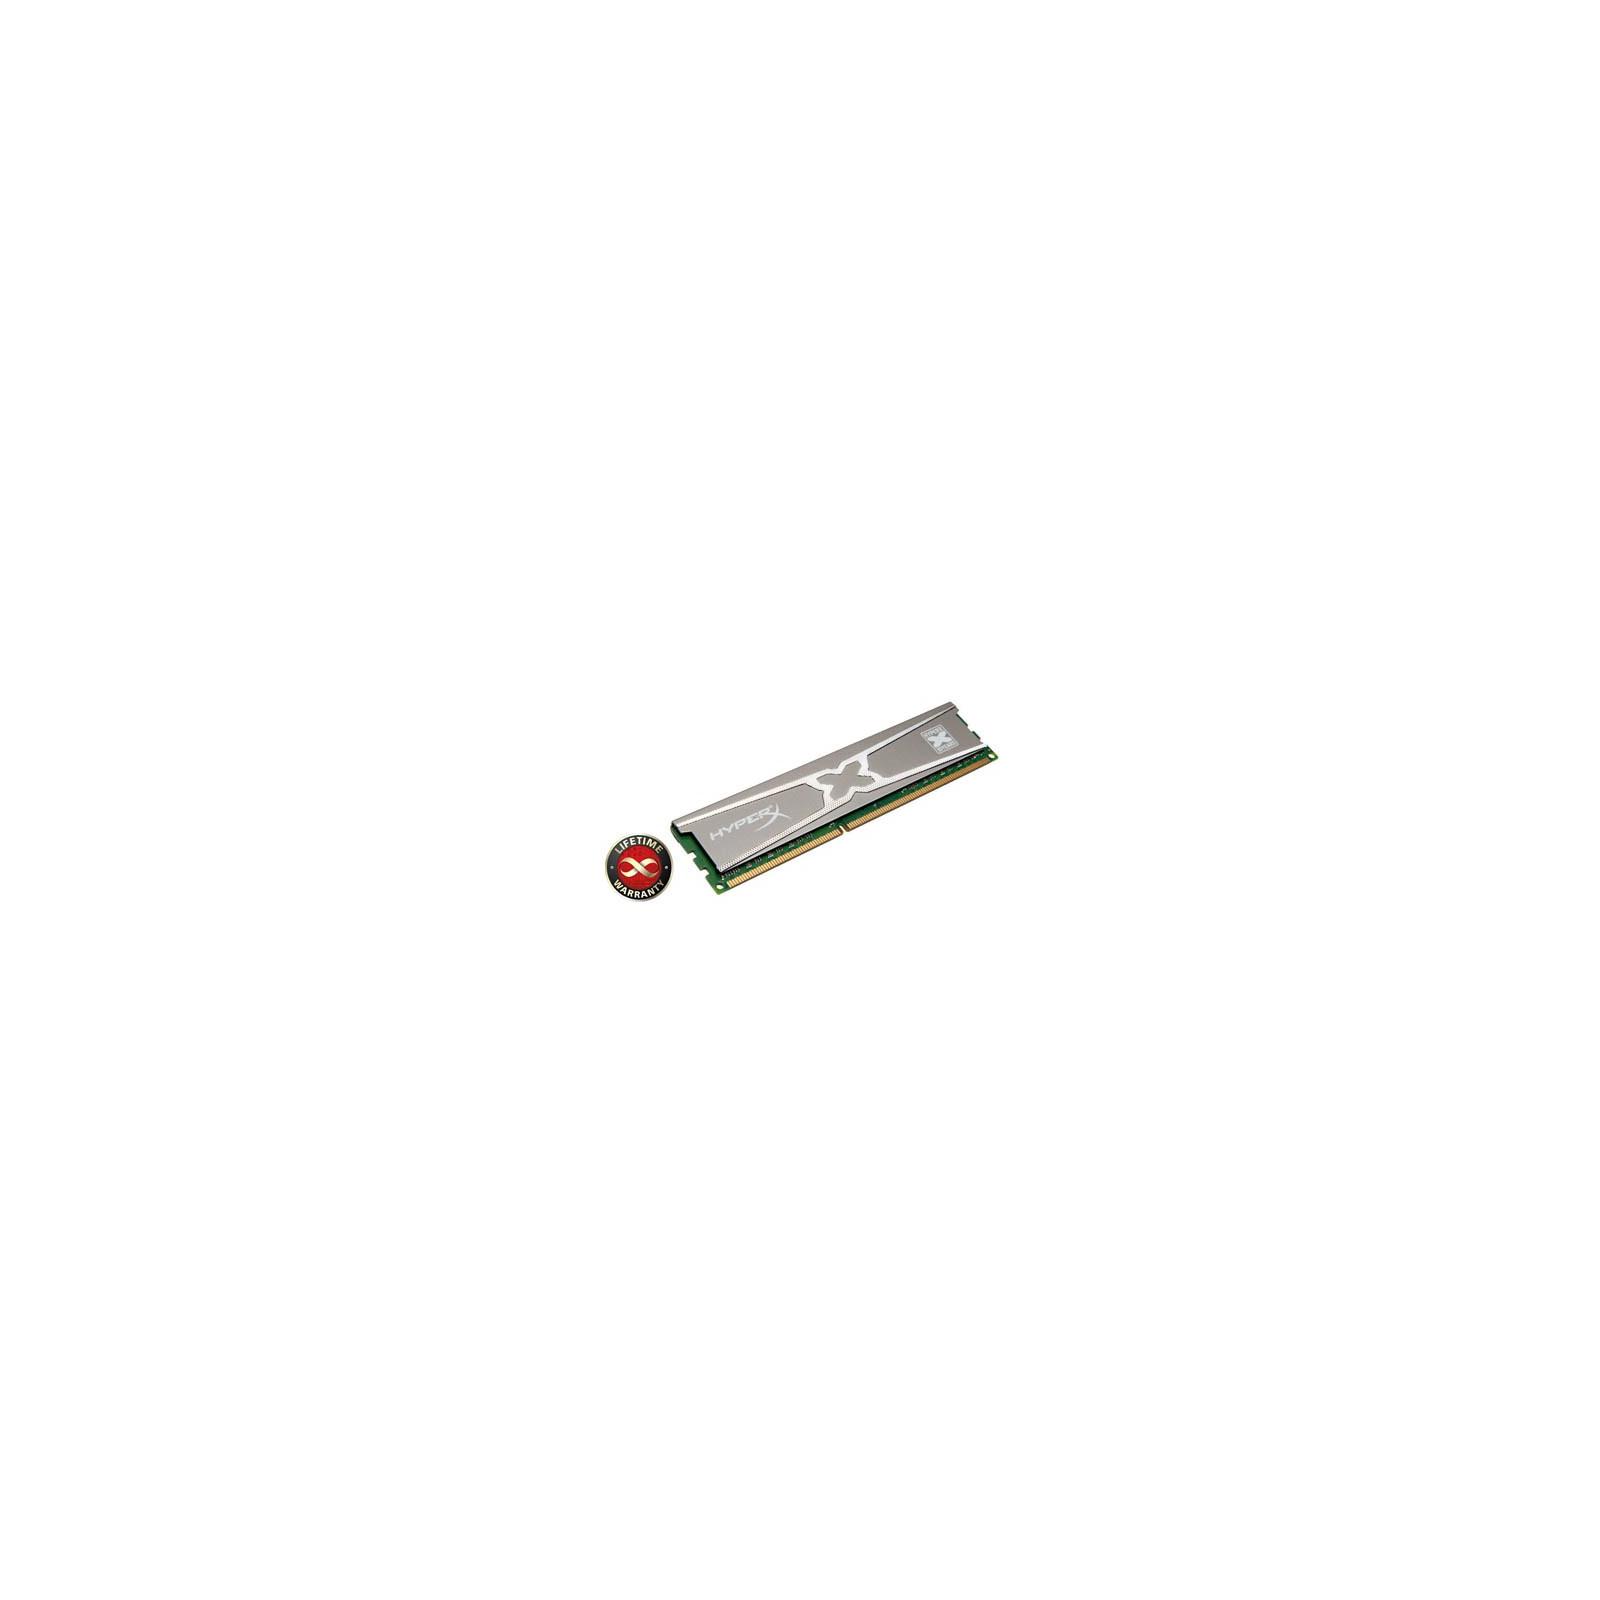 Модуль памяти для компьютера DDR3 4GB 1866 MHz Kingston (KHX18C9X3/4)